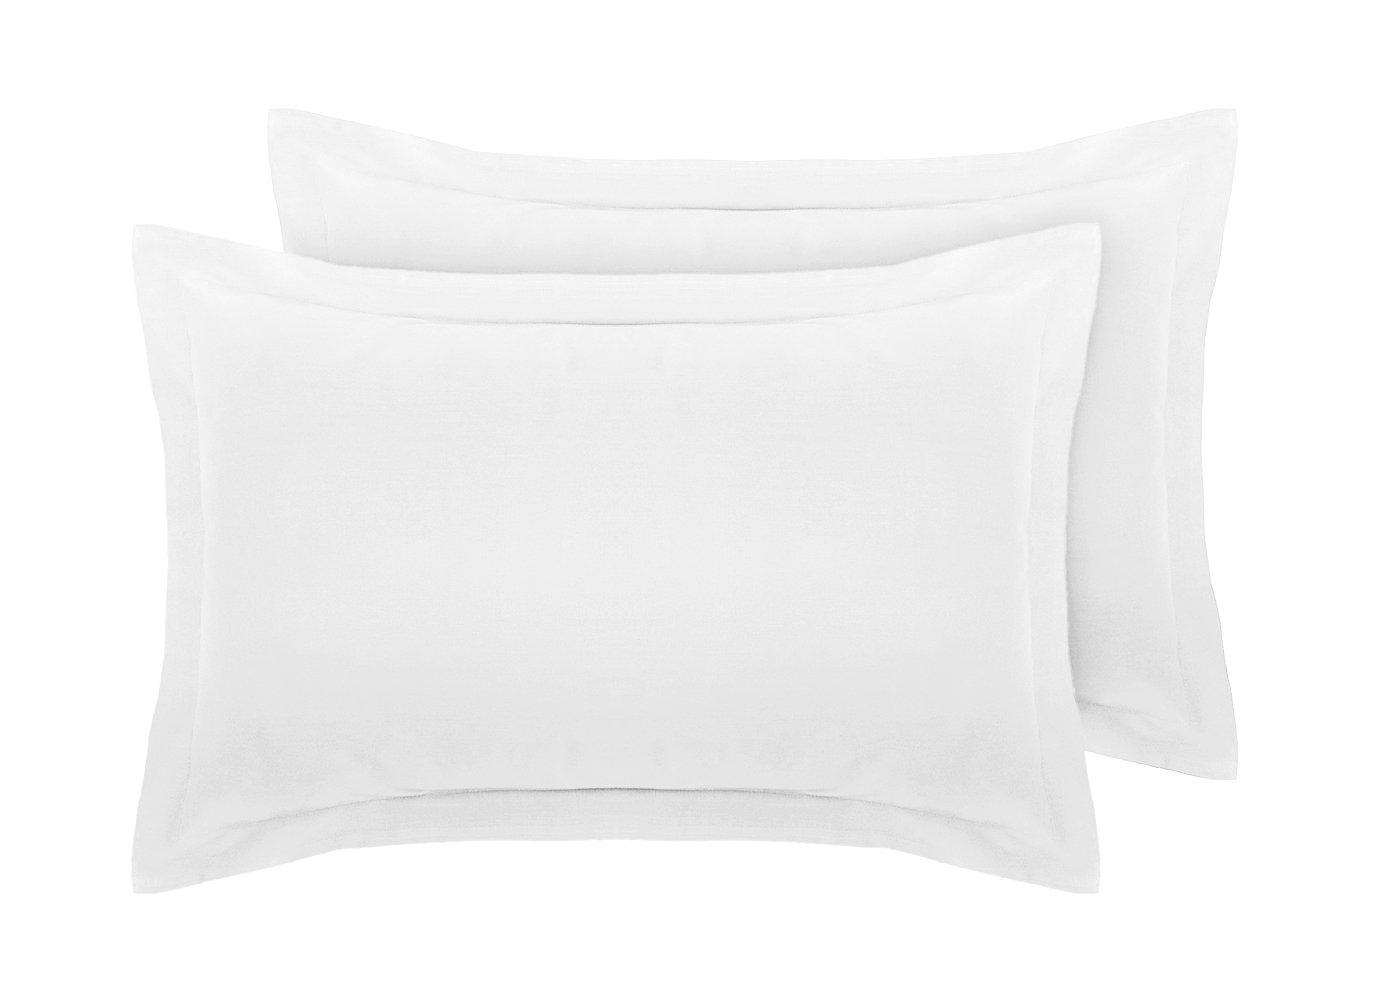 121 cm SHZSR S/ábana Bajera Ajustable de algod/ón Egipcio de 400 Hilos 40 cm Blanco